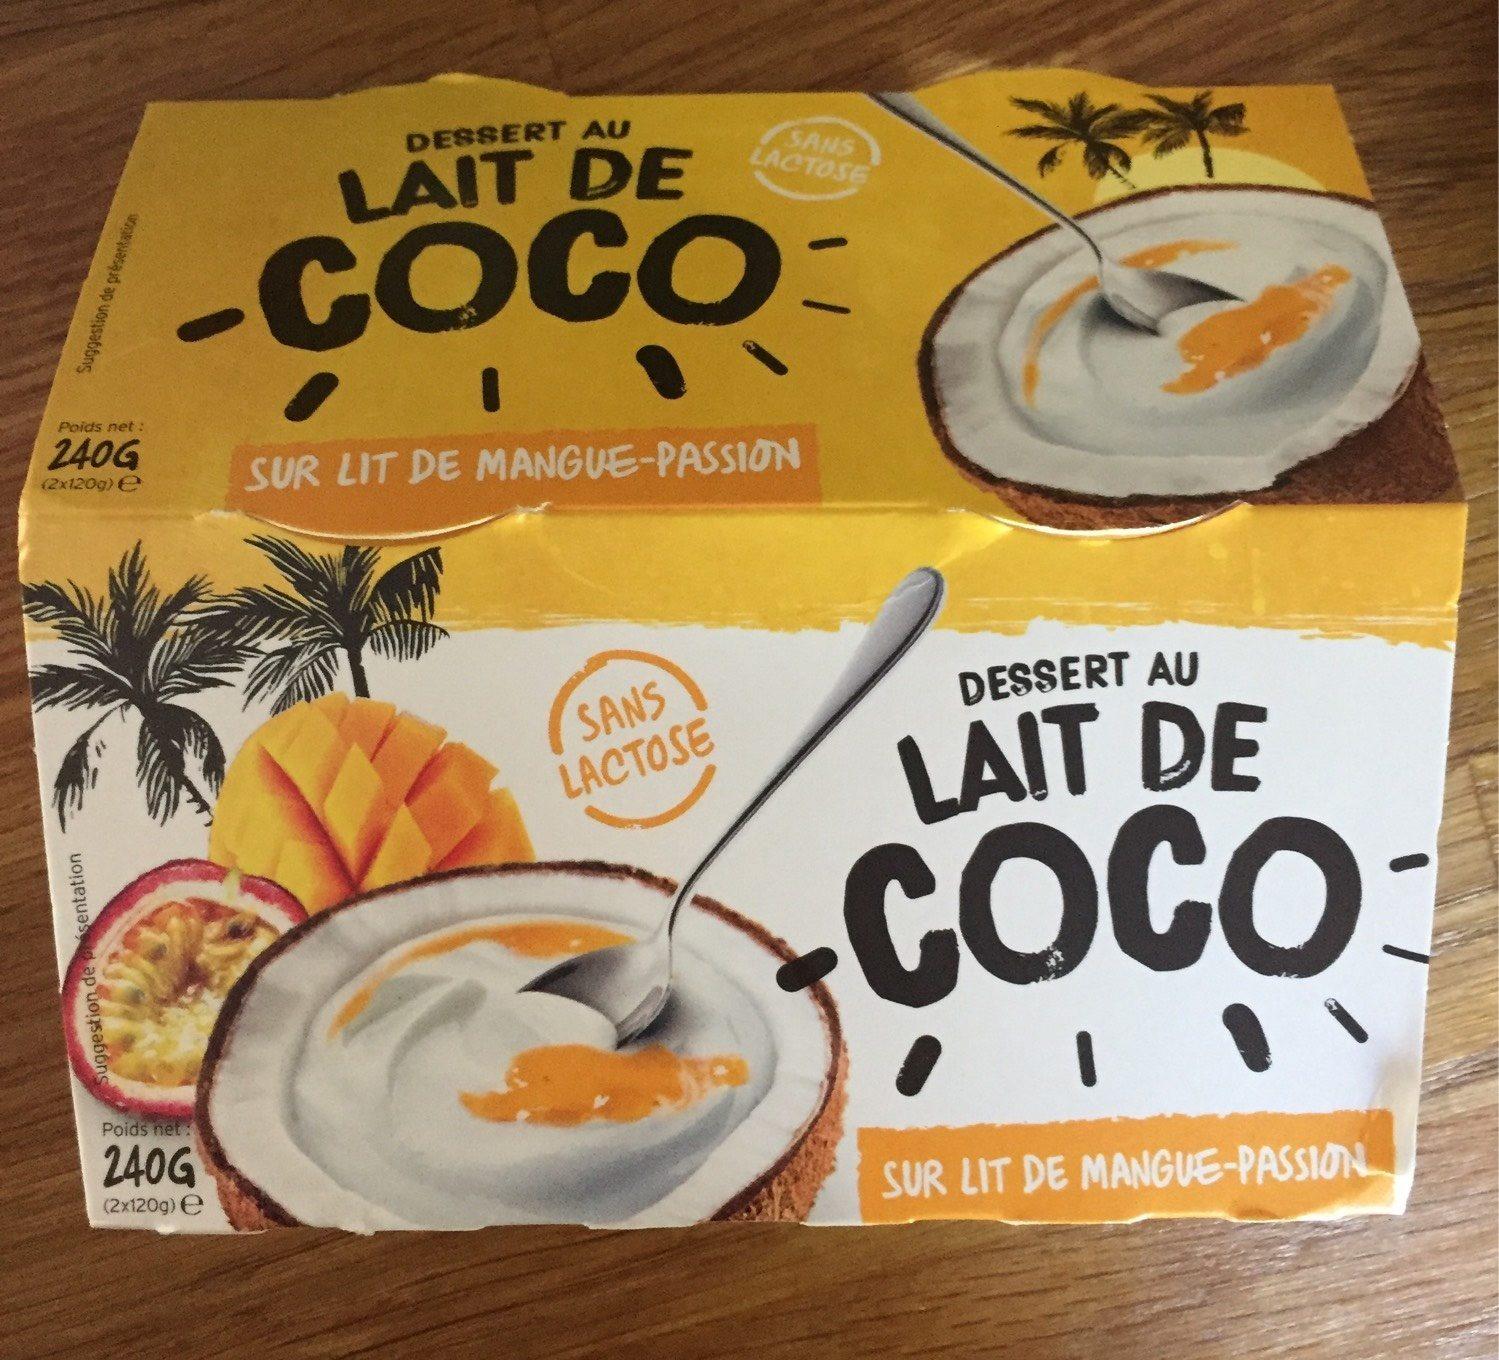 Dessert au lait de coco sur lit de mangue-passion - Product